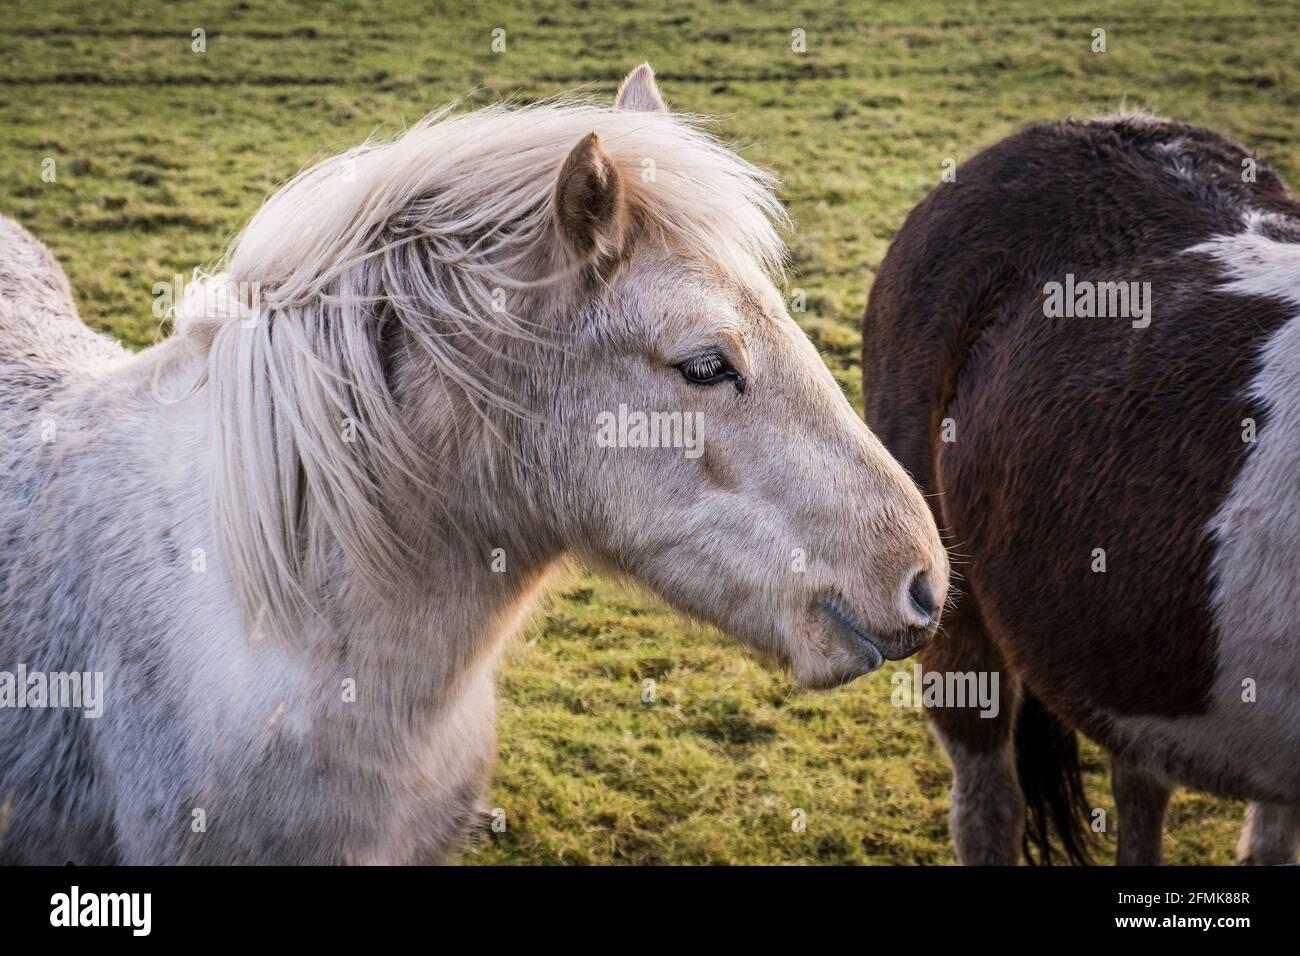 Iconici pony di Bodmin senza tempo su Bodmin Moor in Cornovaglia. Foto Stock